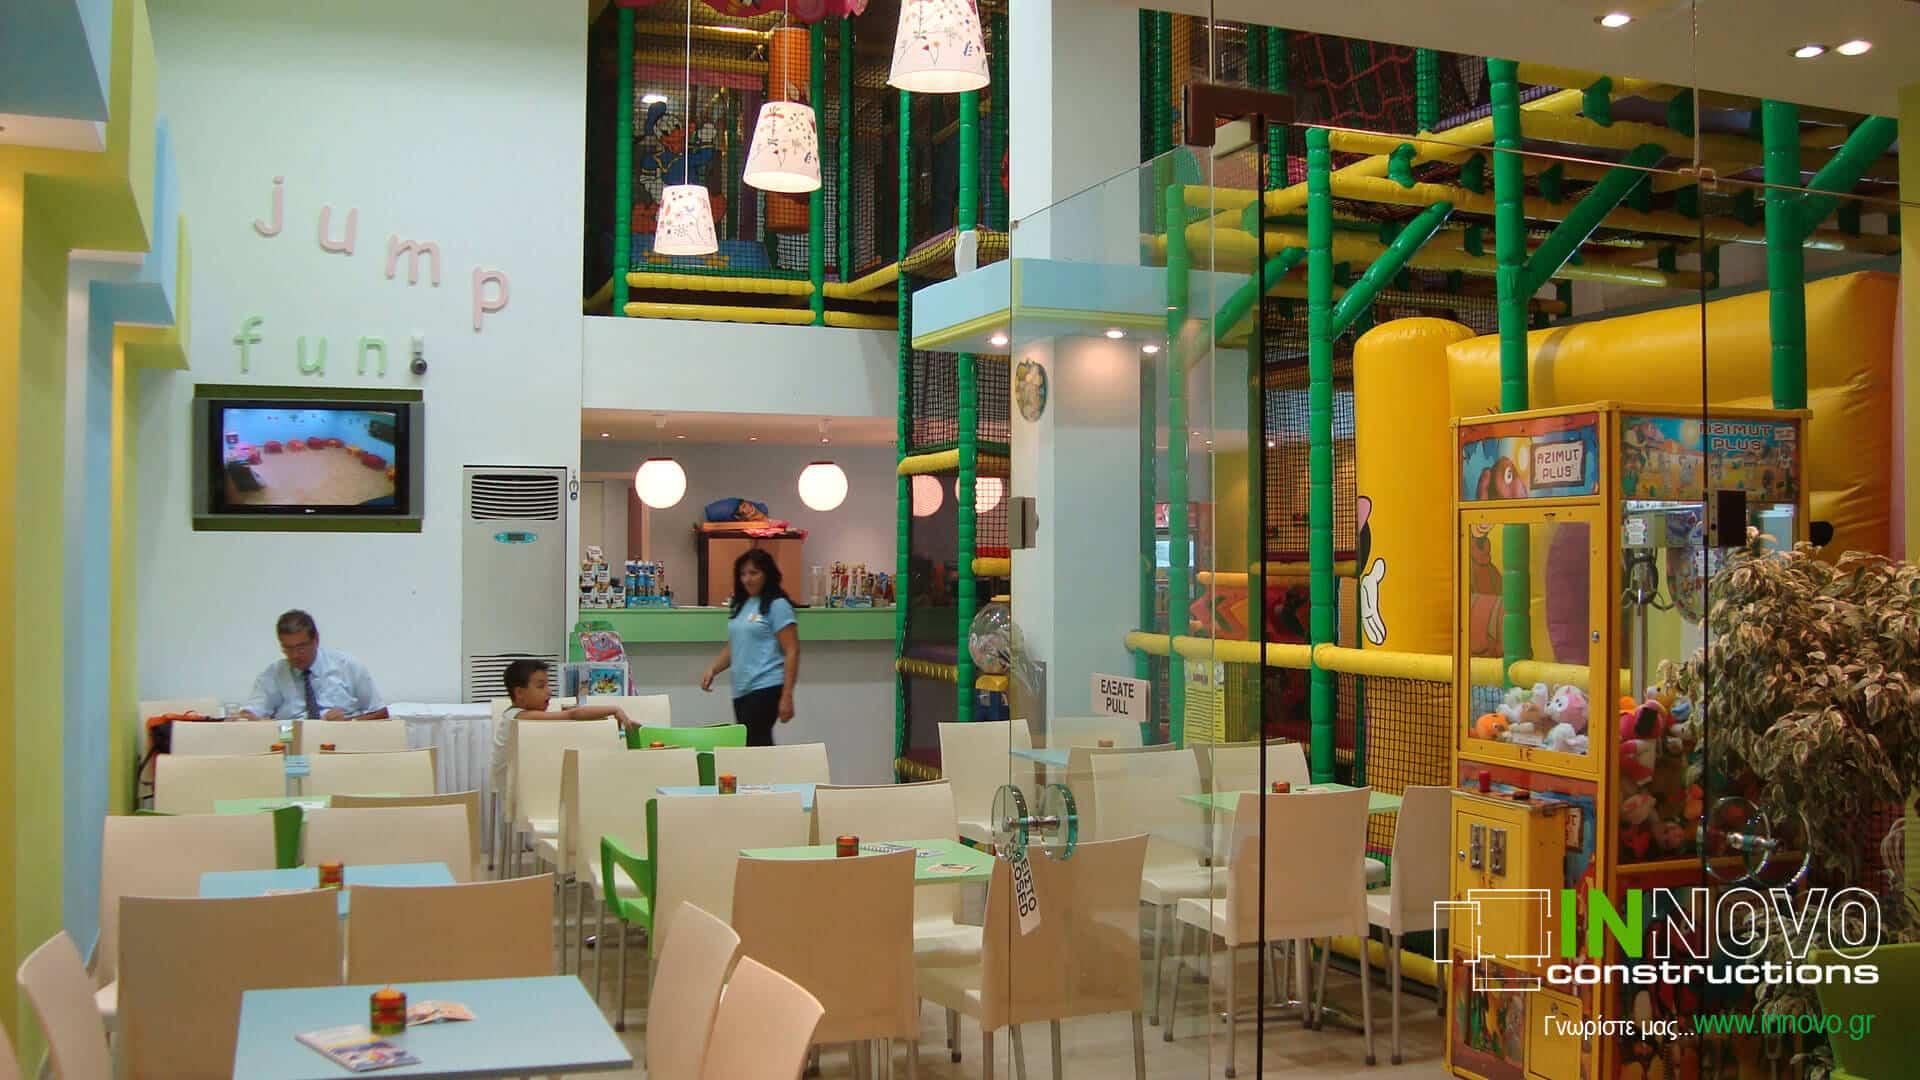 kataskevi-paidotopou-playground-construction-paidotopos-kamatero-1007